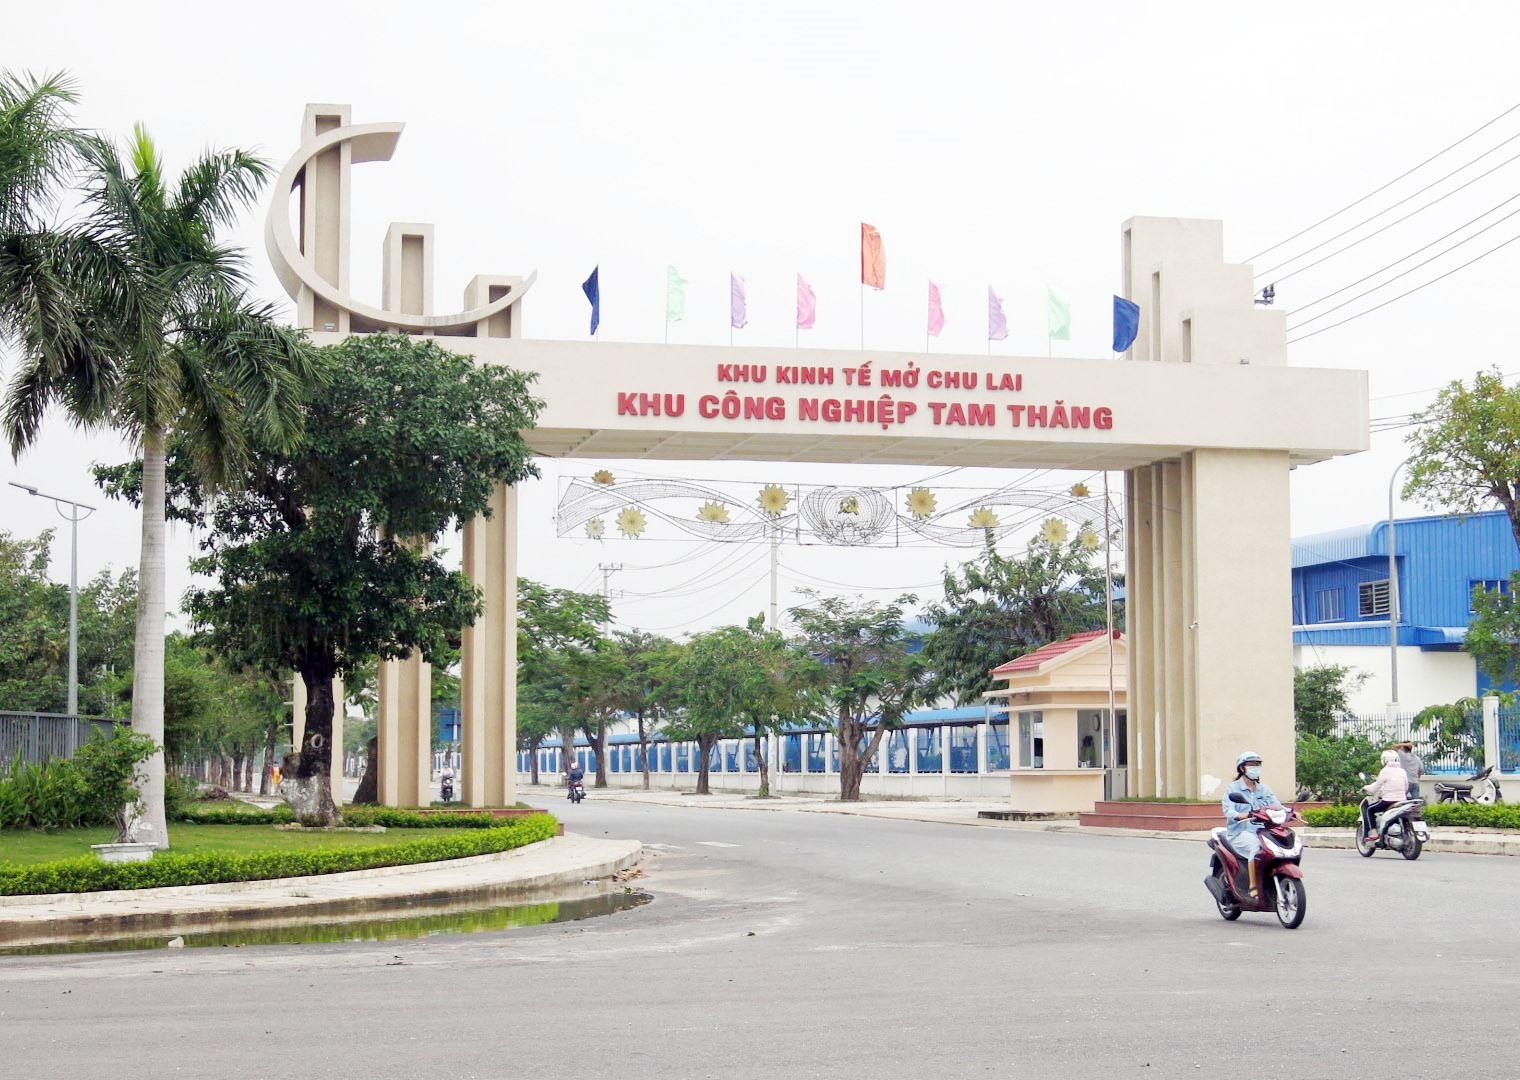 Khu công nghiệp Tam Thăng hướng đến sự phát triển bền vững. Ảnh: C.L